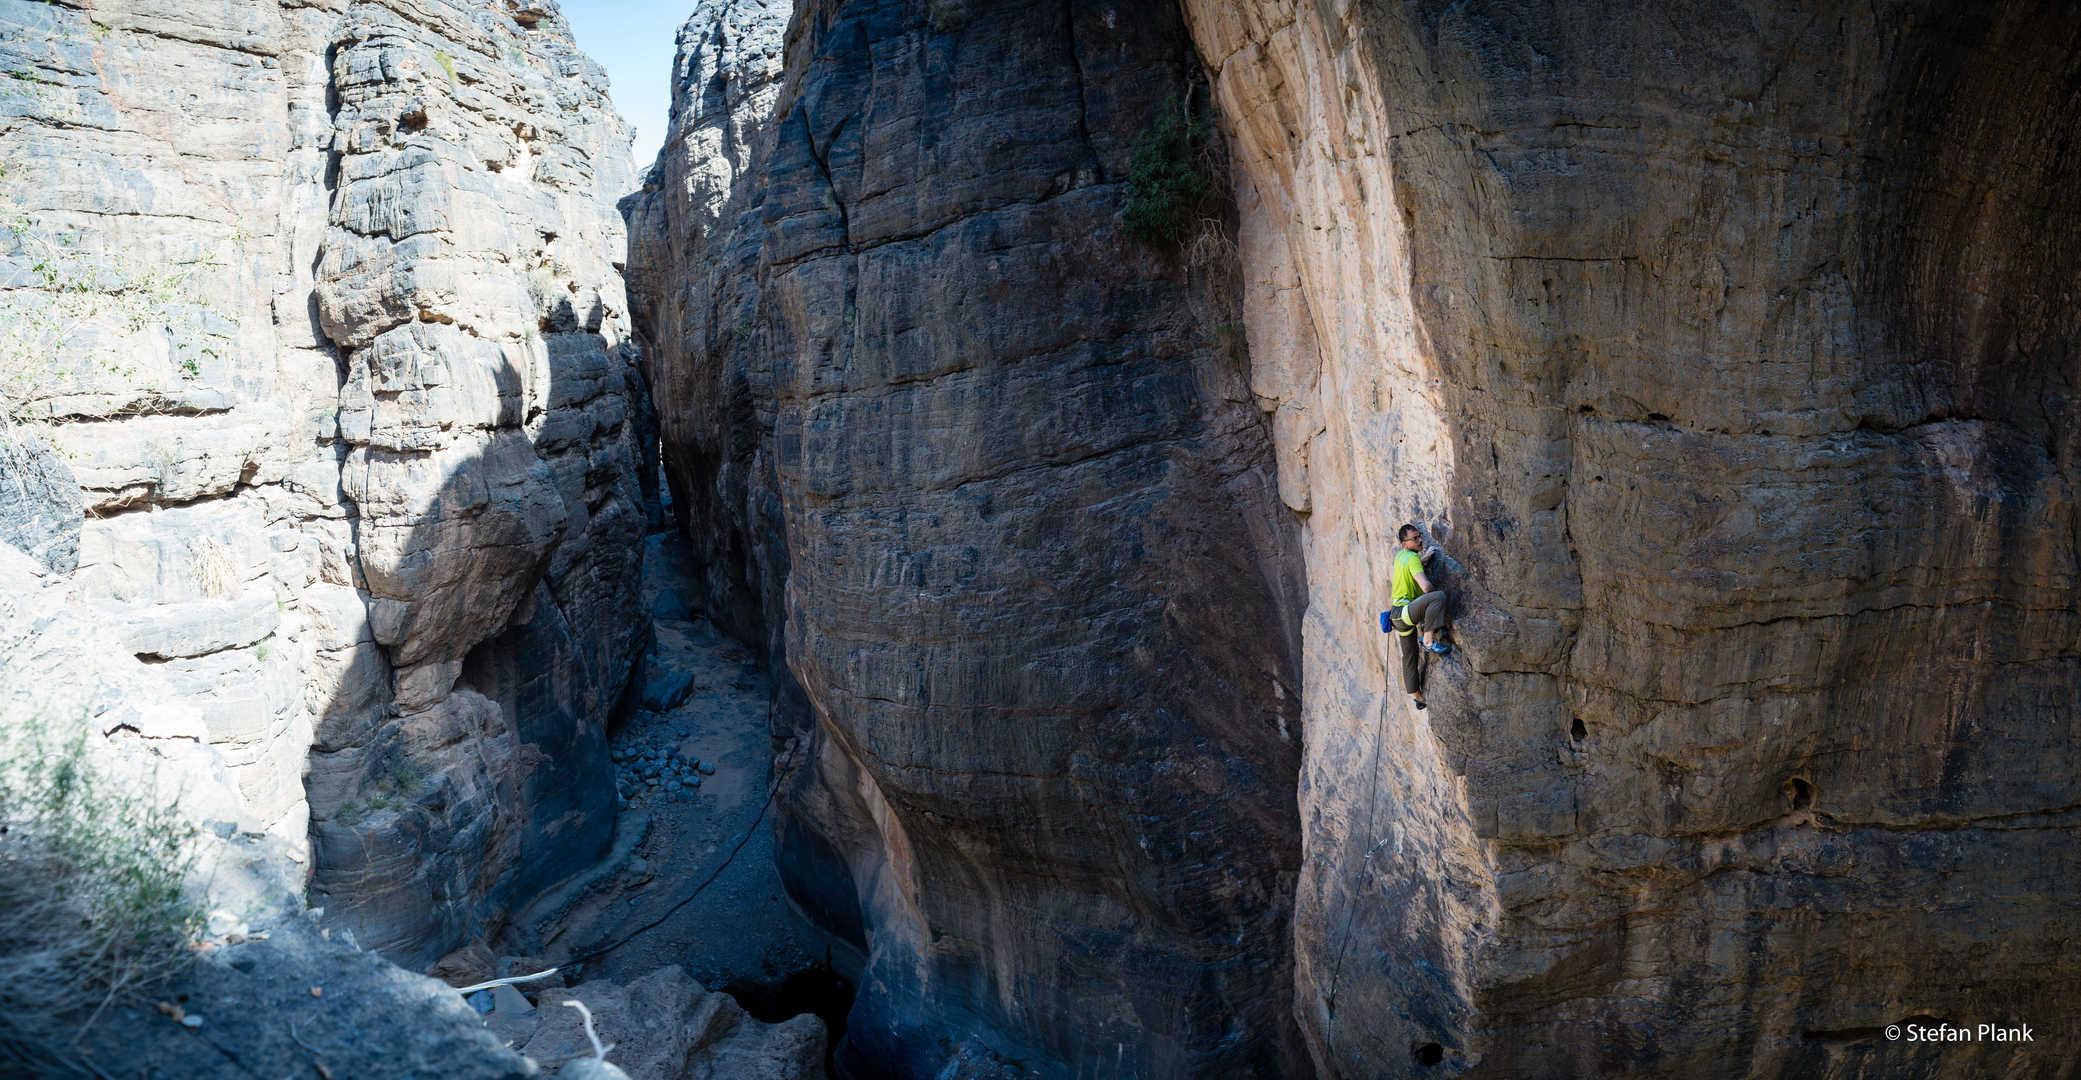 Sportklettern im Snake Canyon